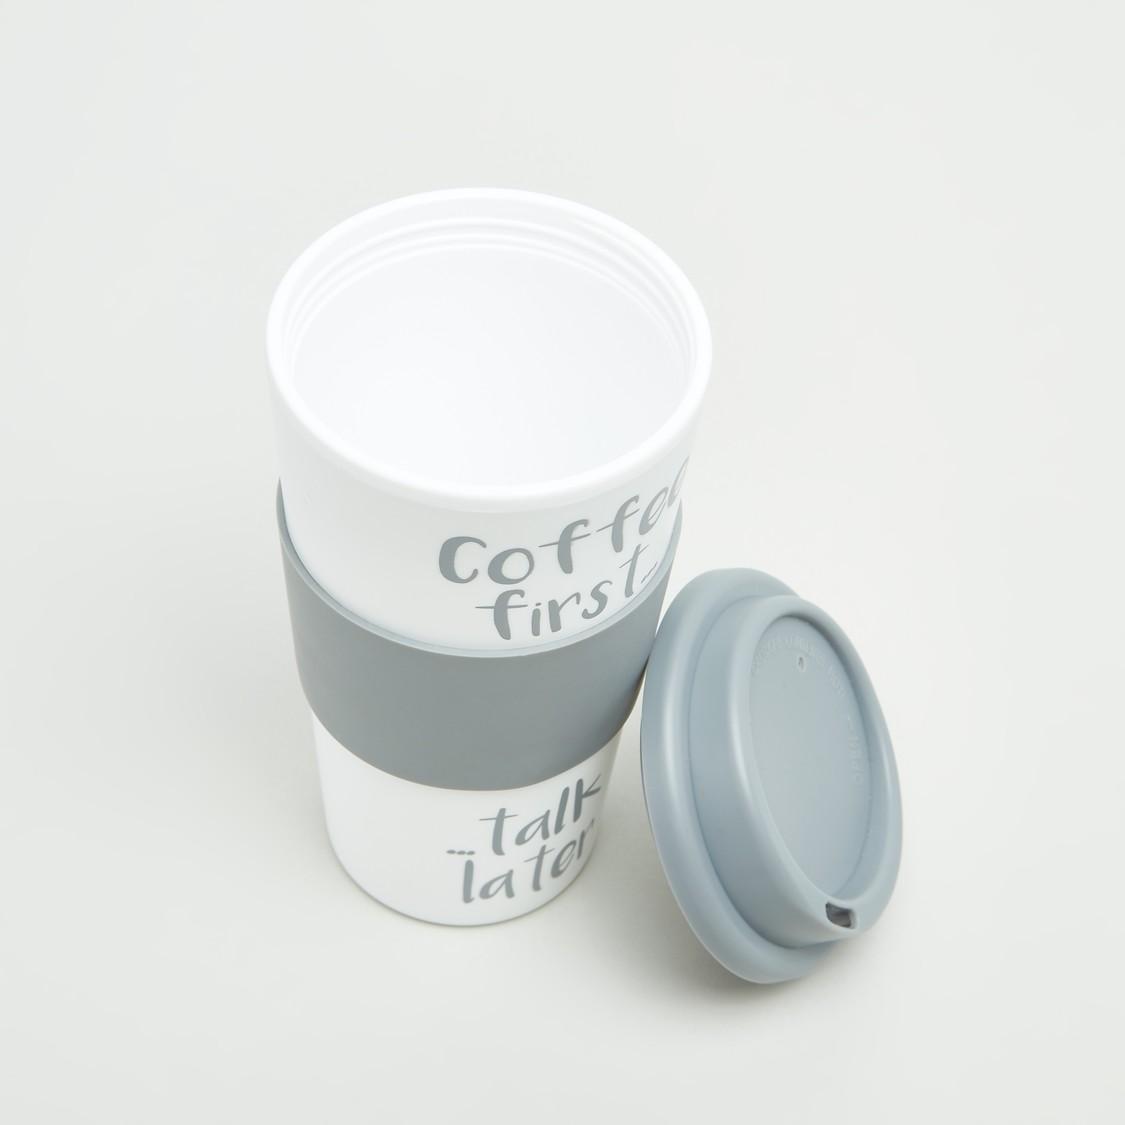 قدح قهوة للسفر بغطاء وطبعات - 18x9 سم